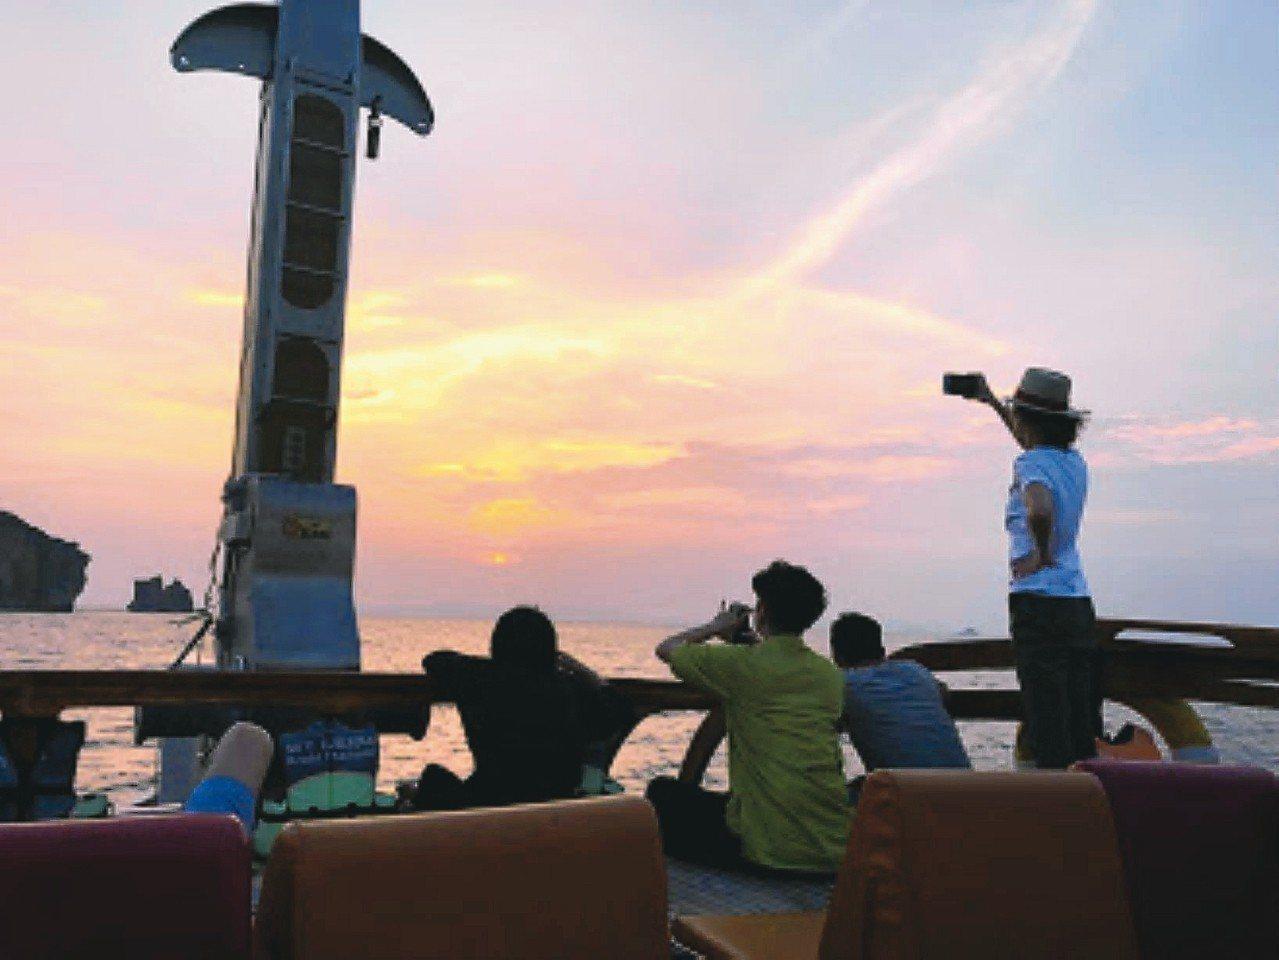 郵輪環島欣賞日落,追著日落跑,也是一種另類體驗。 記者魏妤庭/攝影